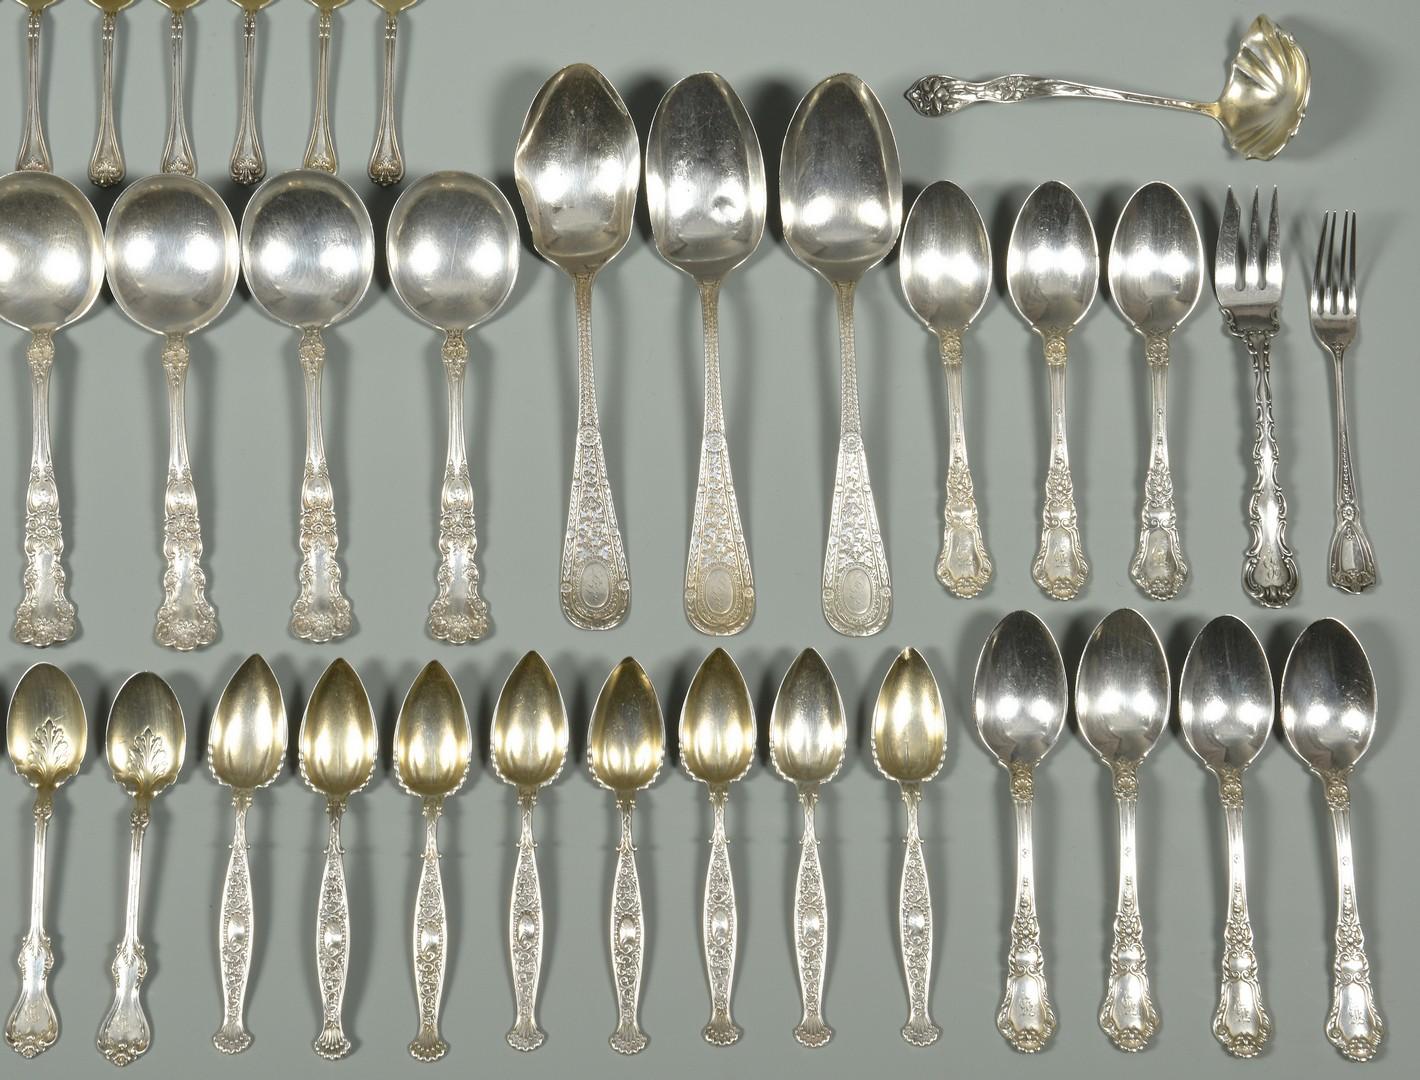 Lot 873: Asst. of Vintage Sterling Flatware (56 pcs)